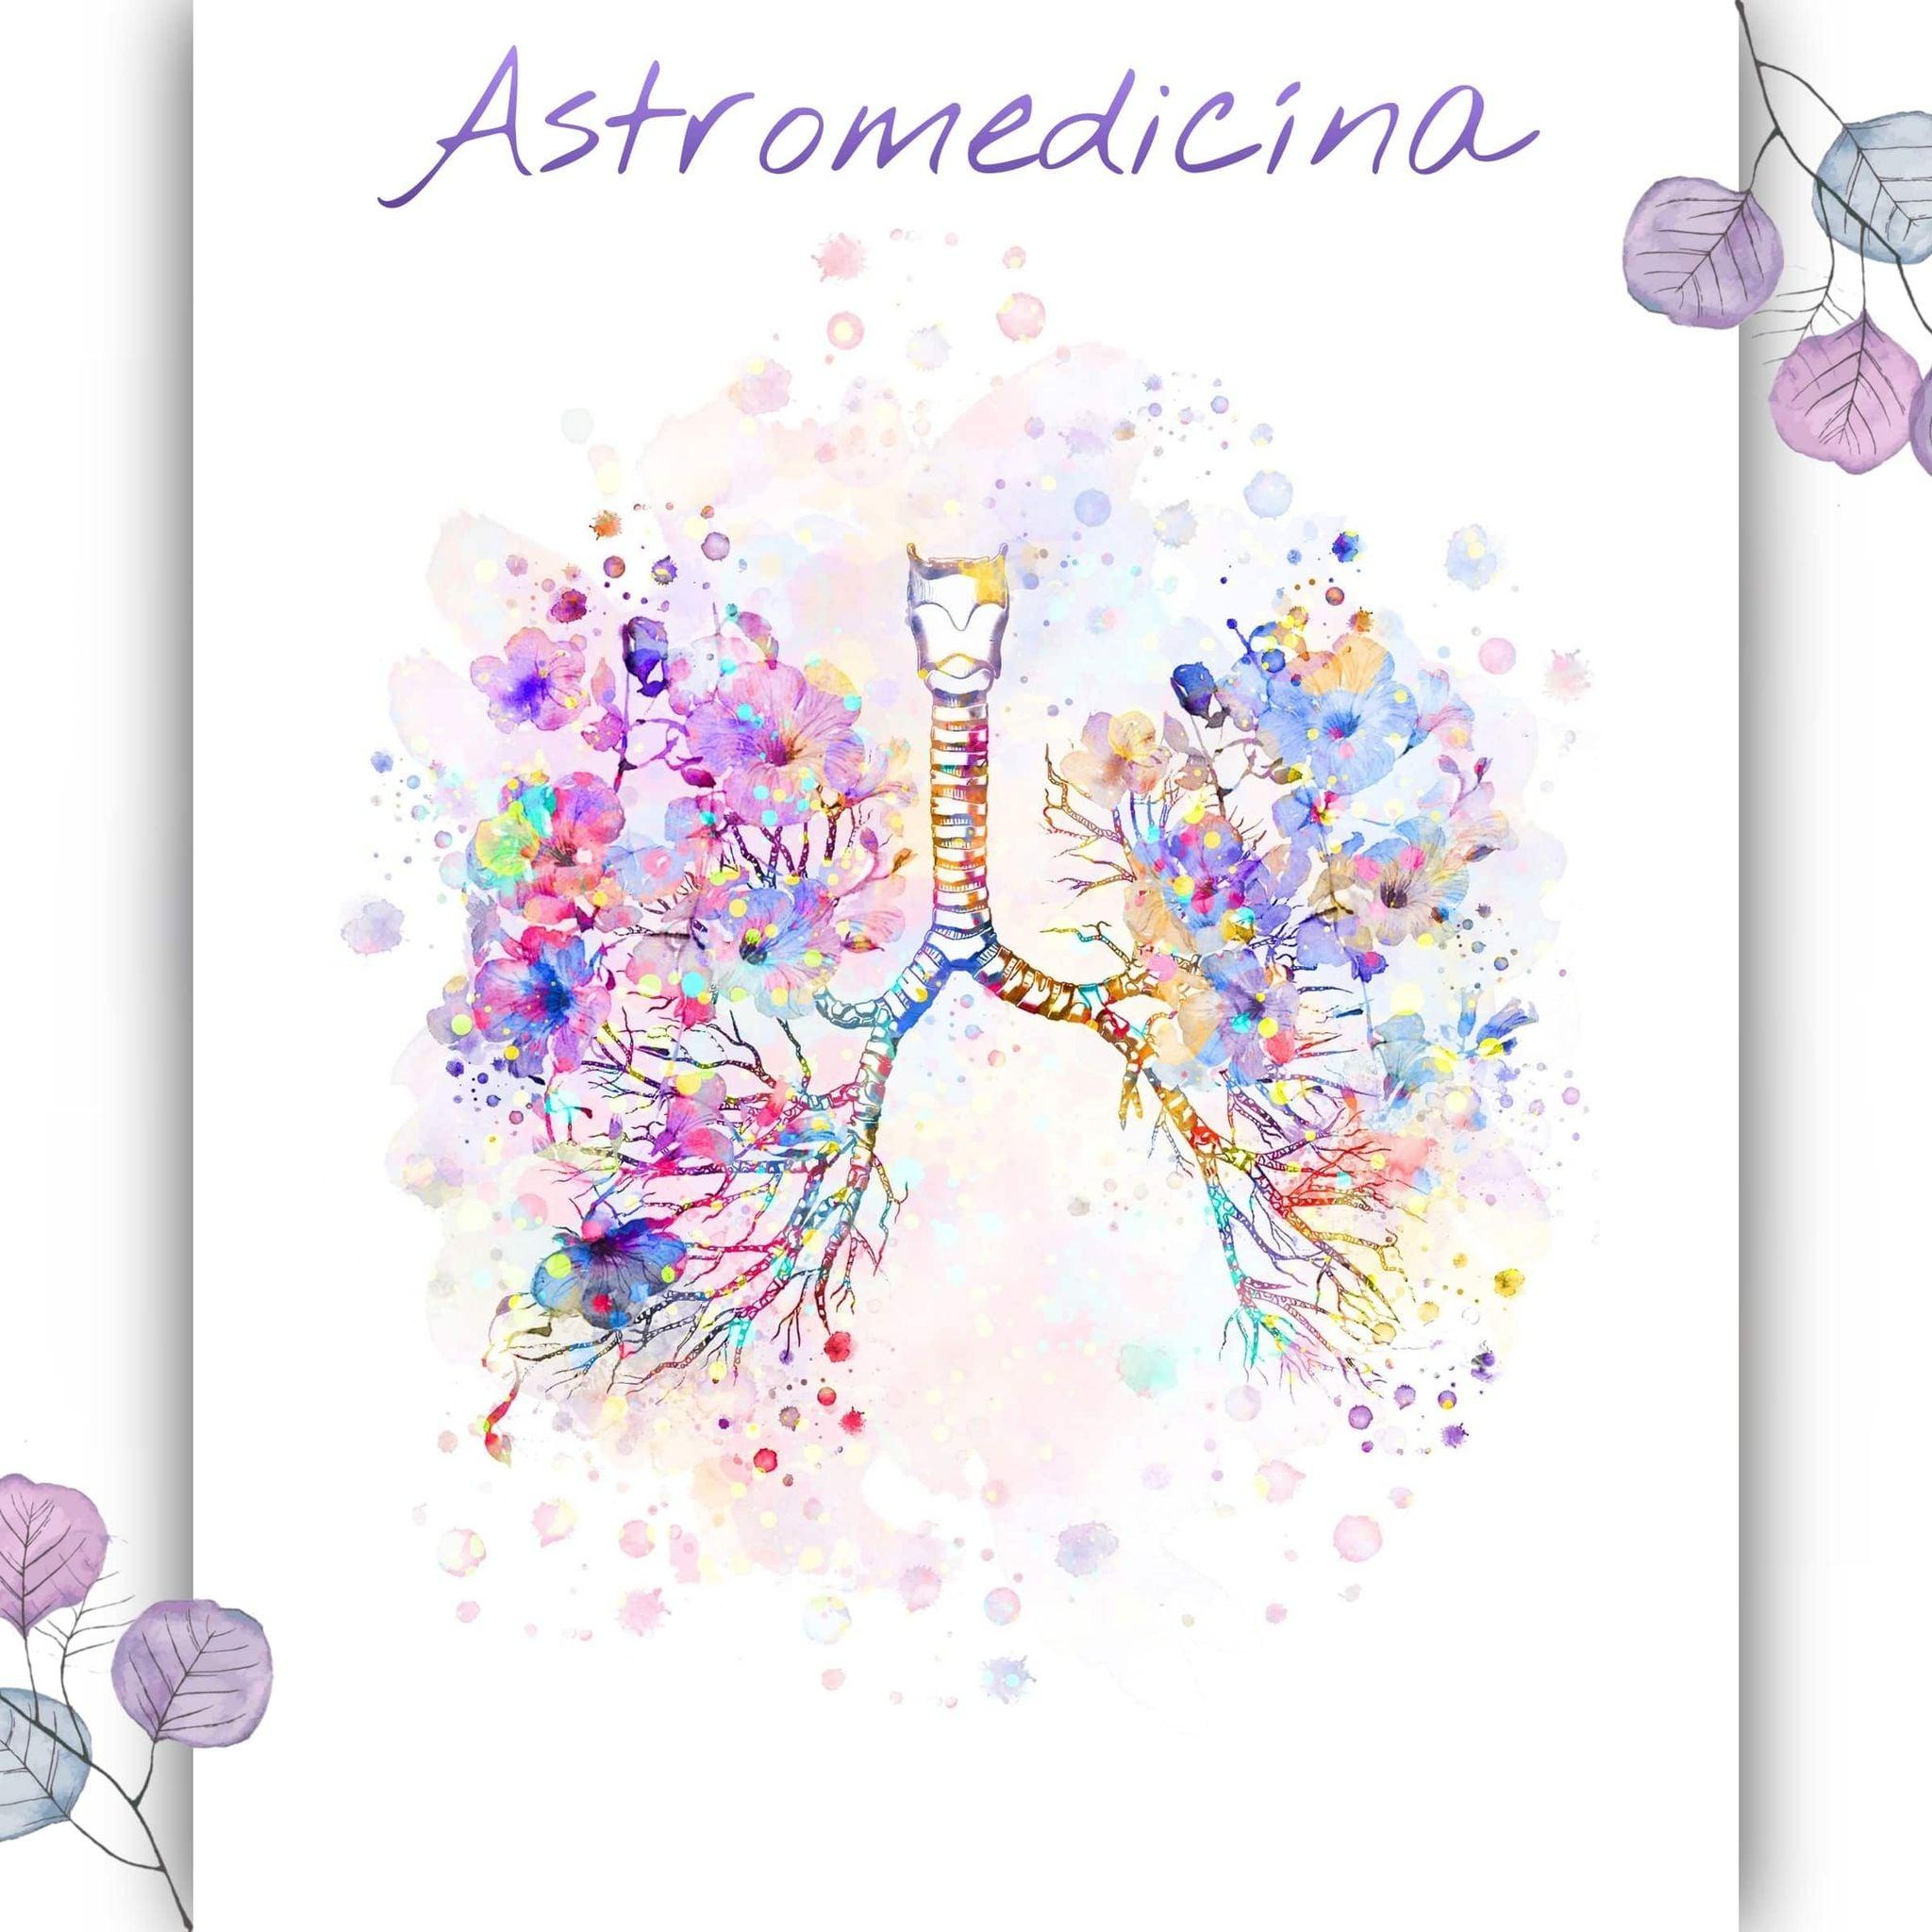 Môže ísť o ilustráciu text that says 'Astromedicina om'